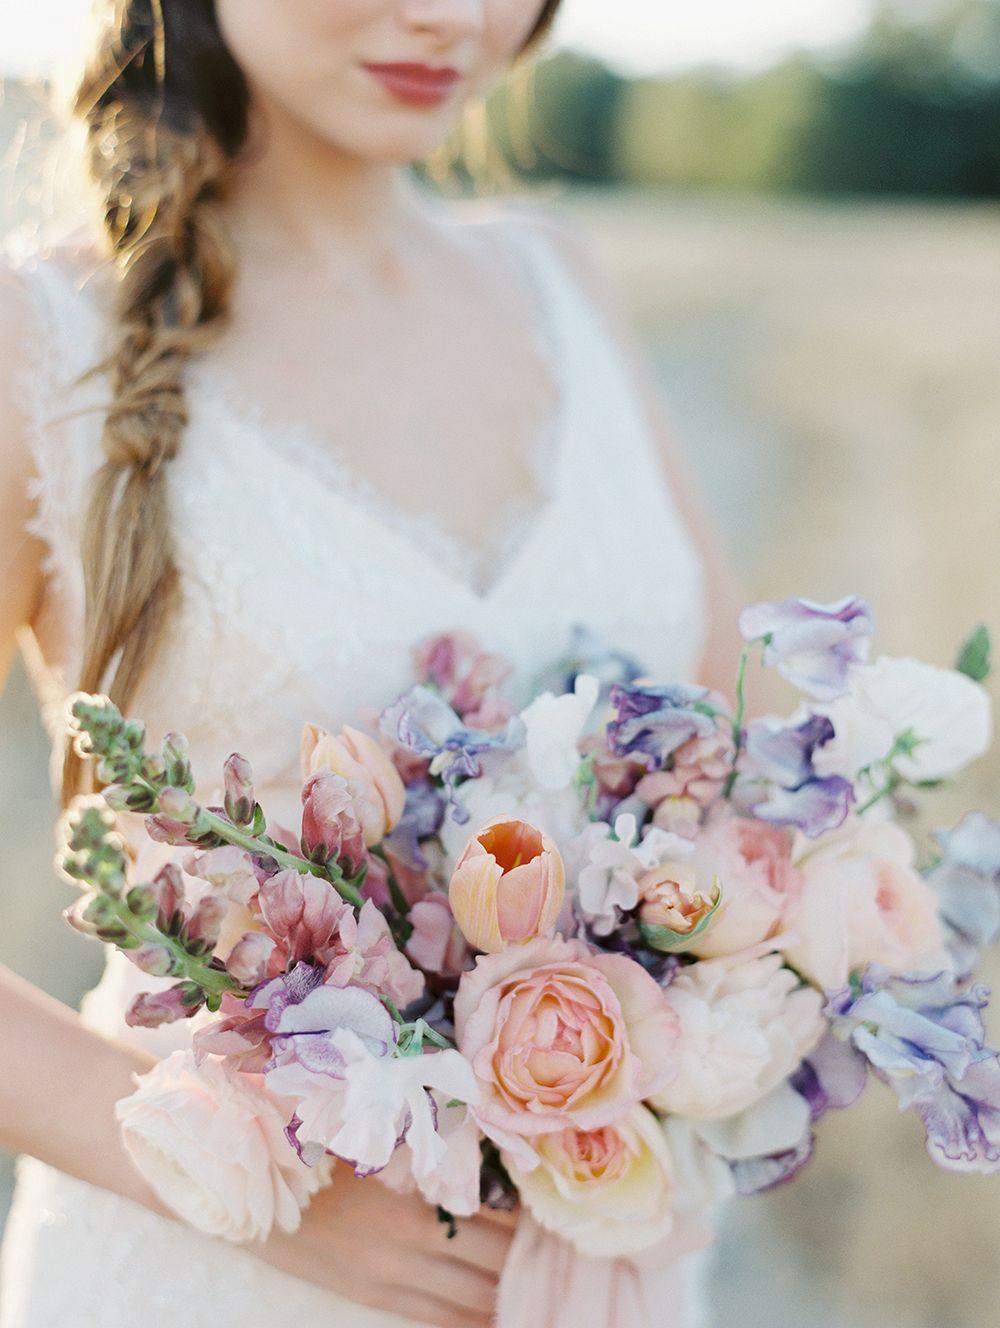 Dettagli di stile per il matrimonio primaverile